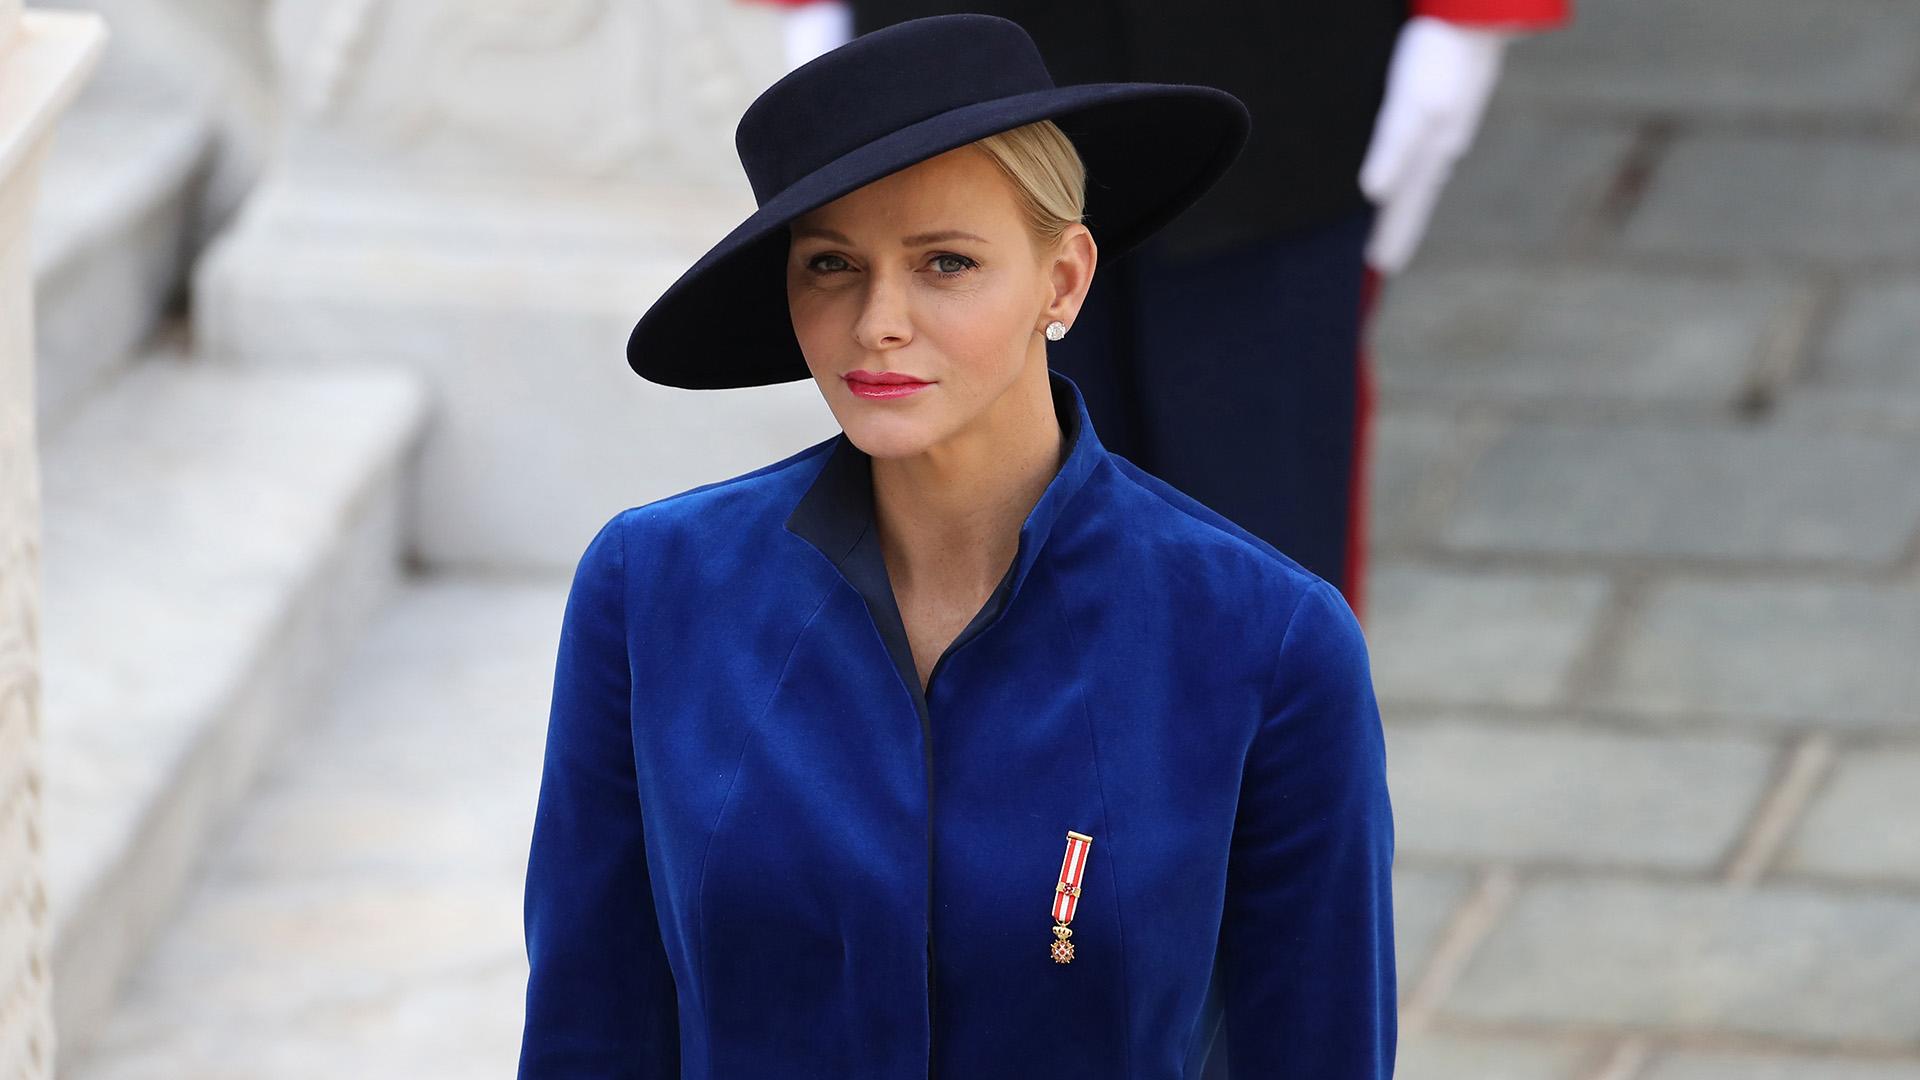 El fabuloso estilismo de Charlene de Mónaco, que volvió a acaparar todas las miradas